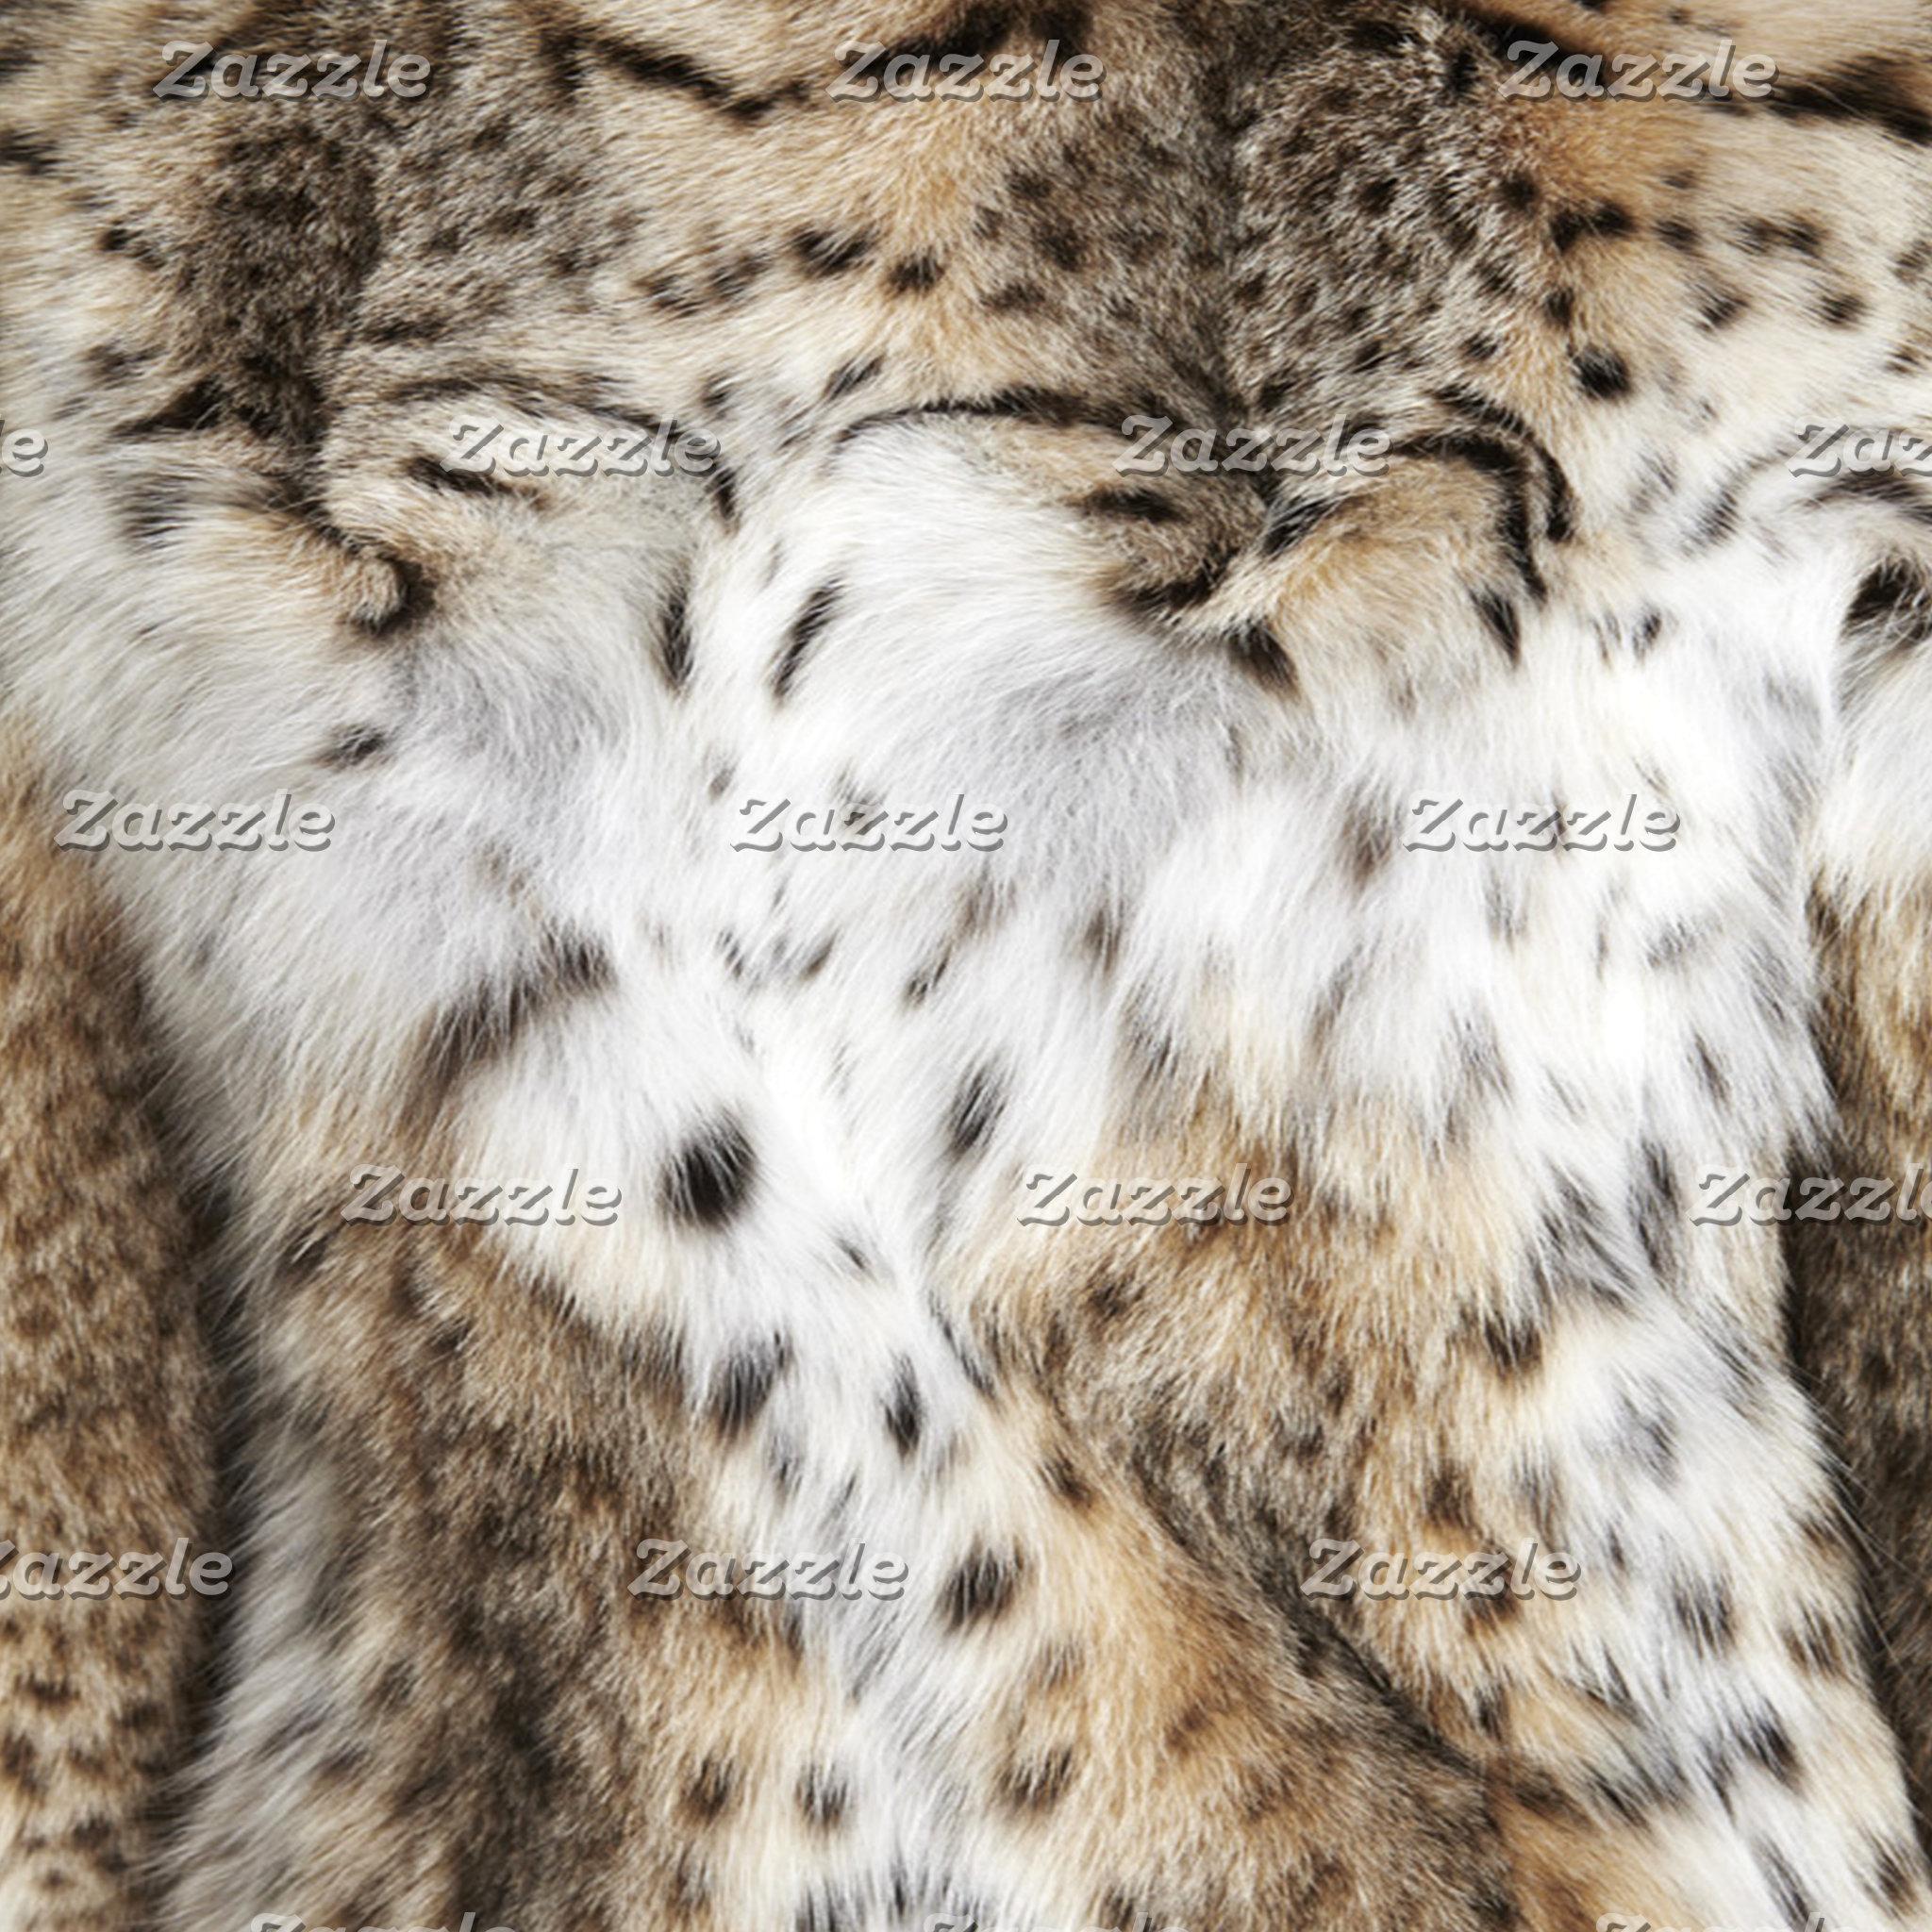 *Faux Animal, Hides/Furs